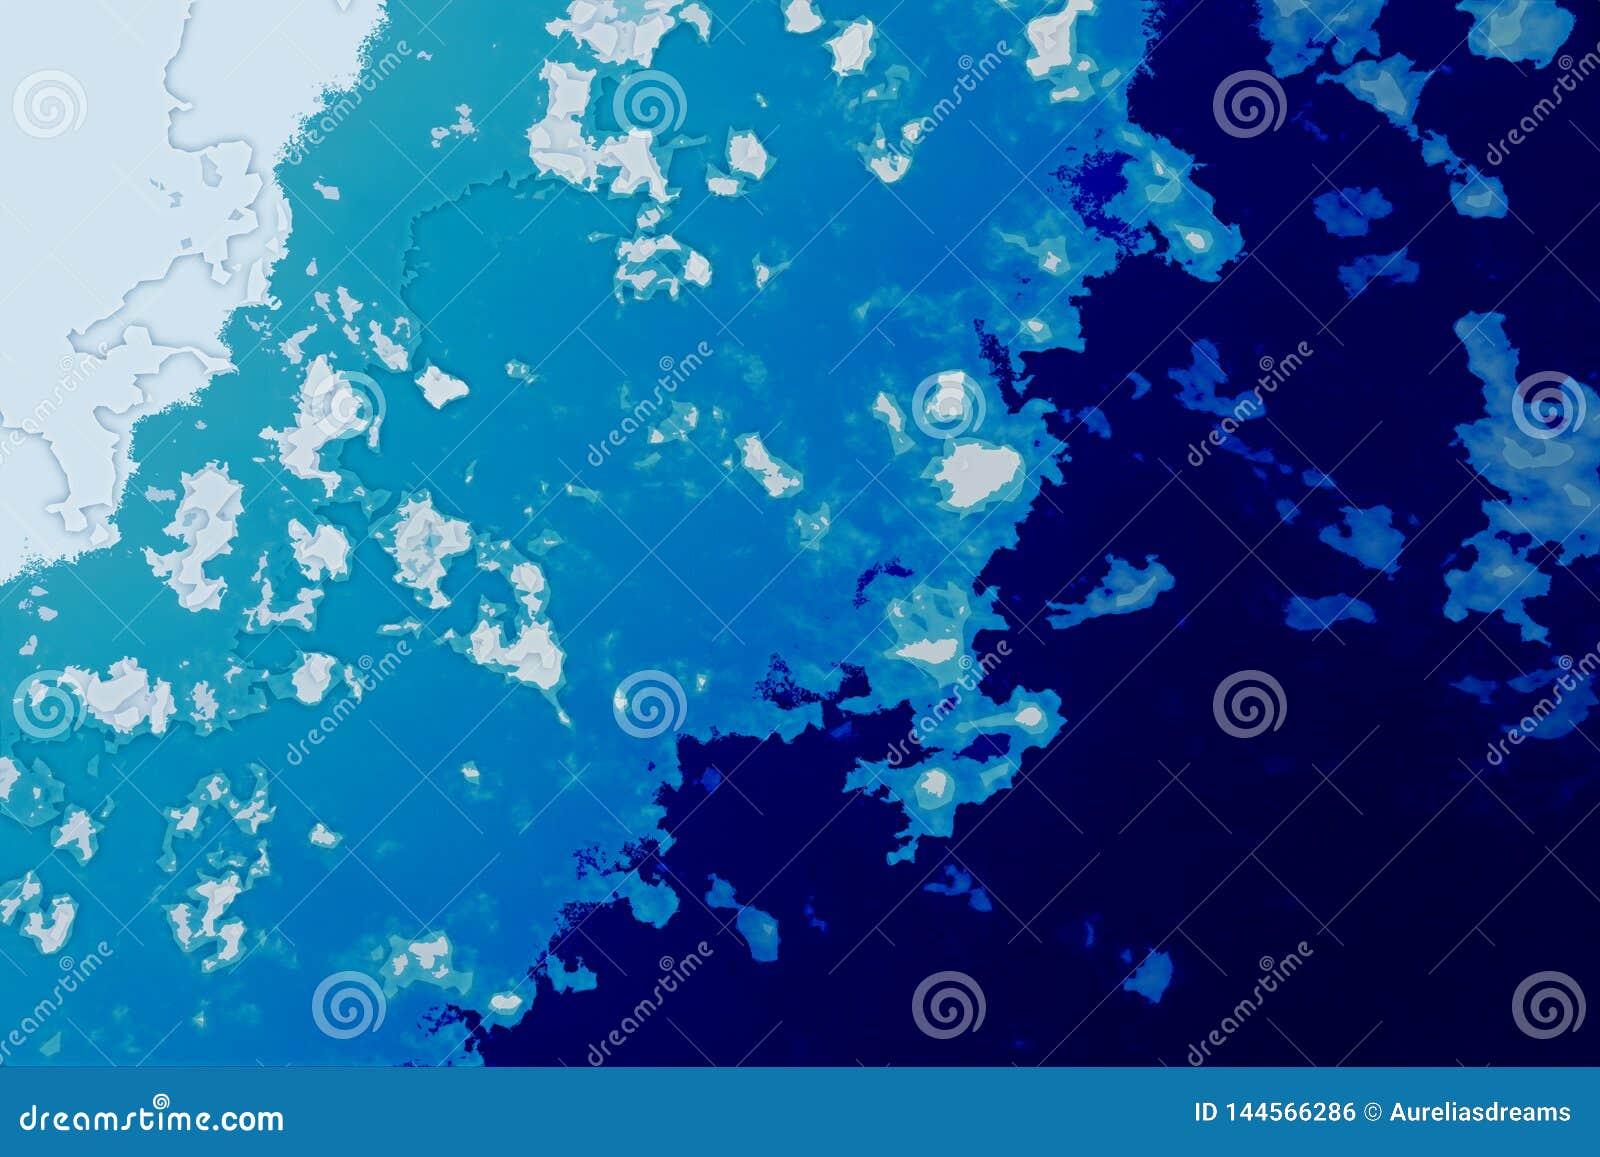 Texture blanche, bleue et cyan de fond Carte abstraite avec le rivage du nord, mer, océan, glace, montagnes, nuages